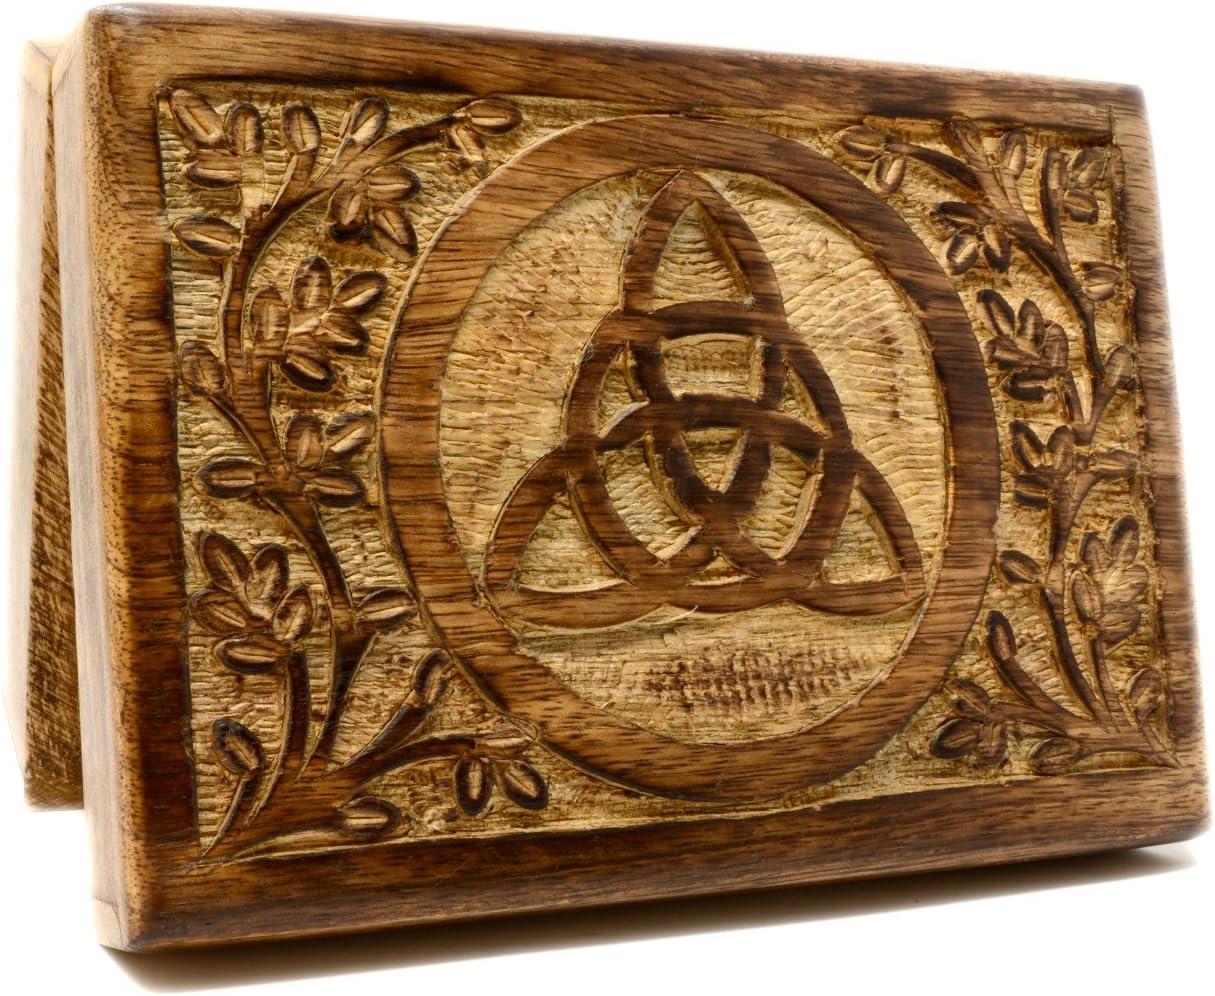 Caja de madera maciza triquetra para cartas del tarot, 18 x 13 cm ...